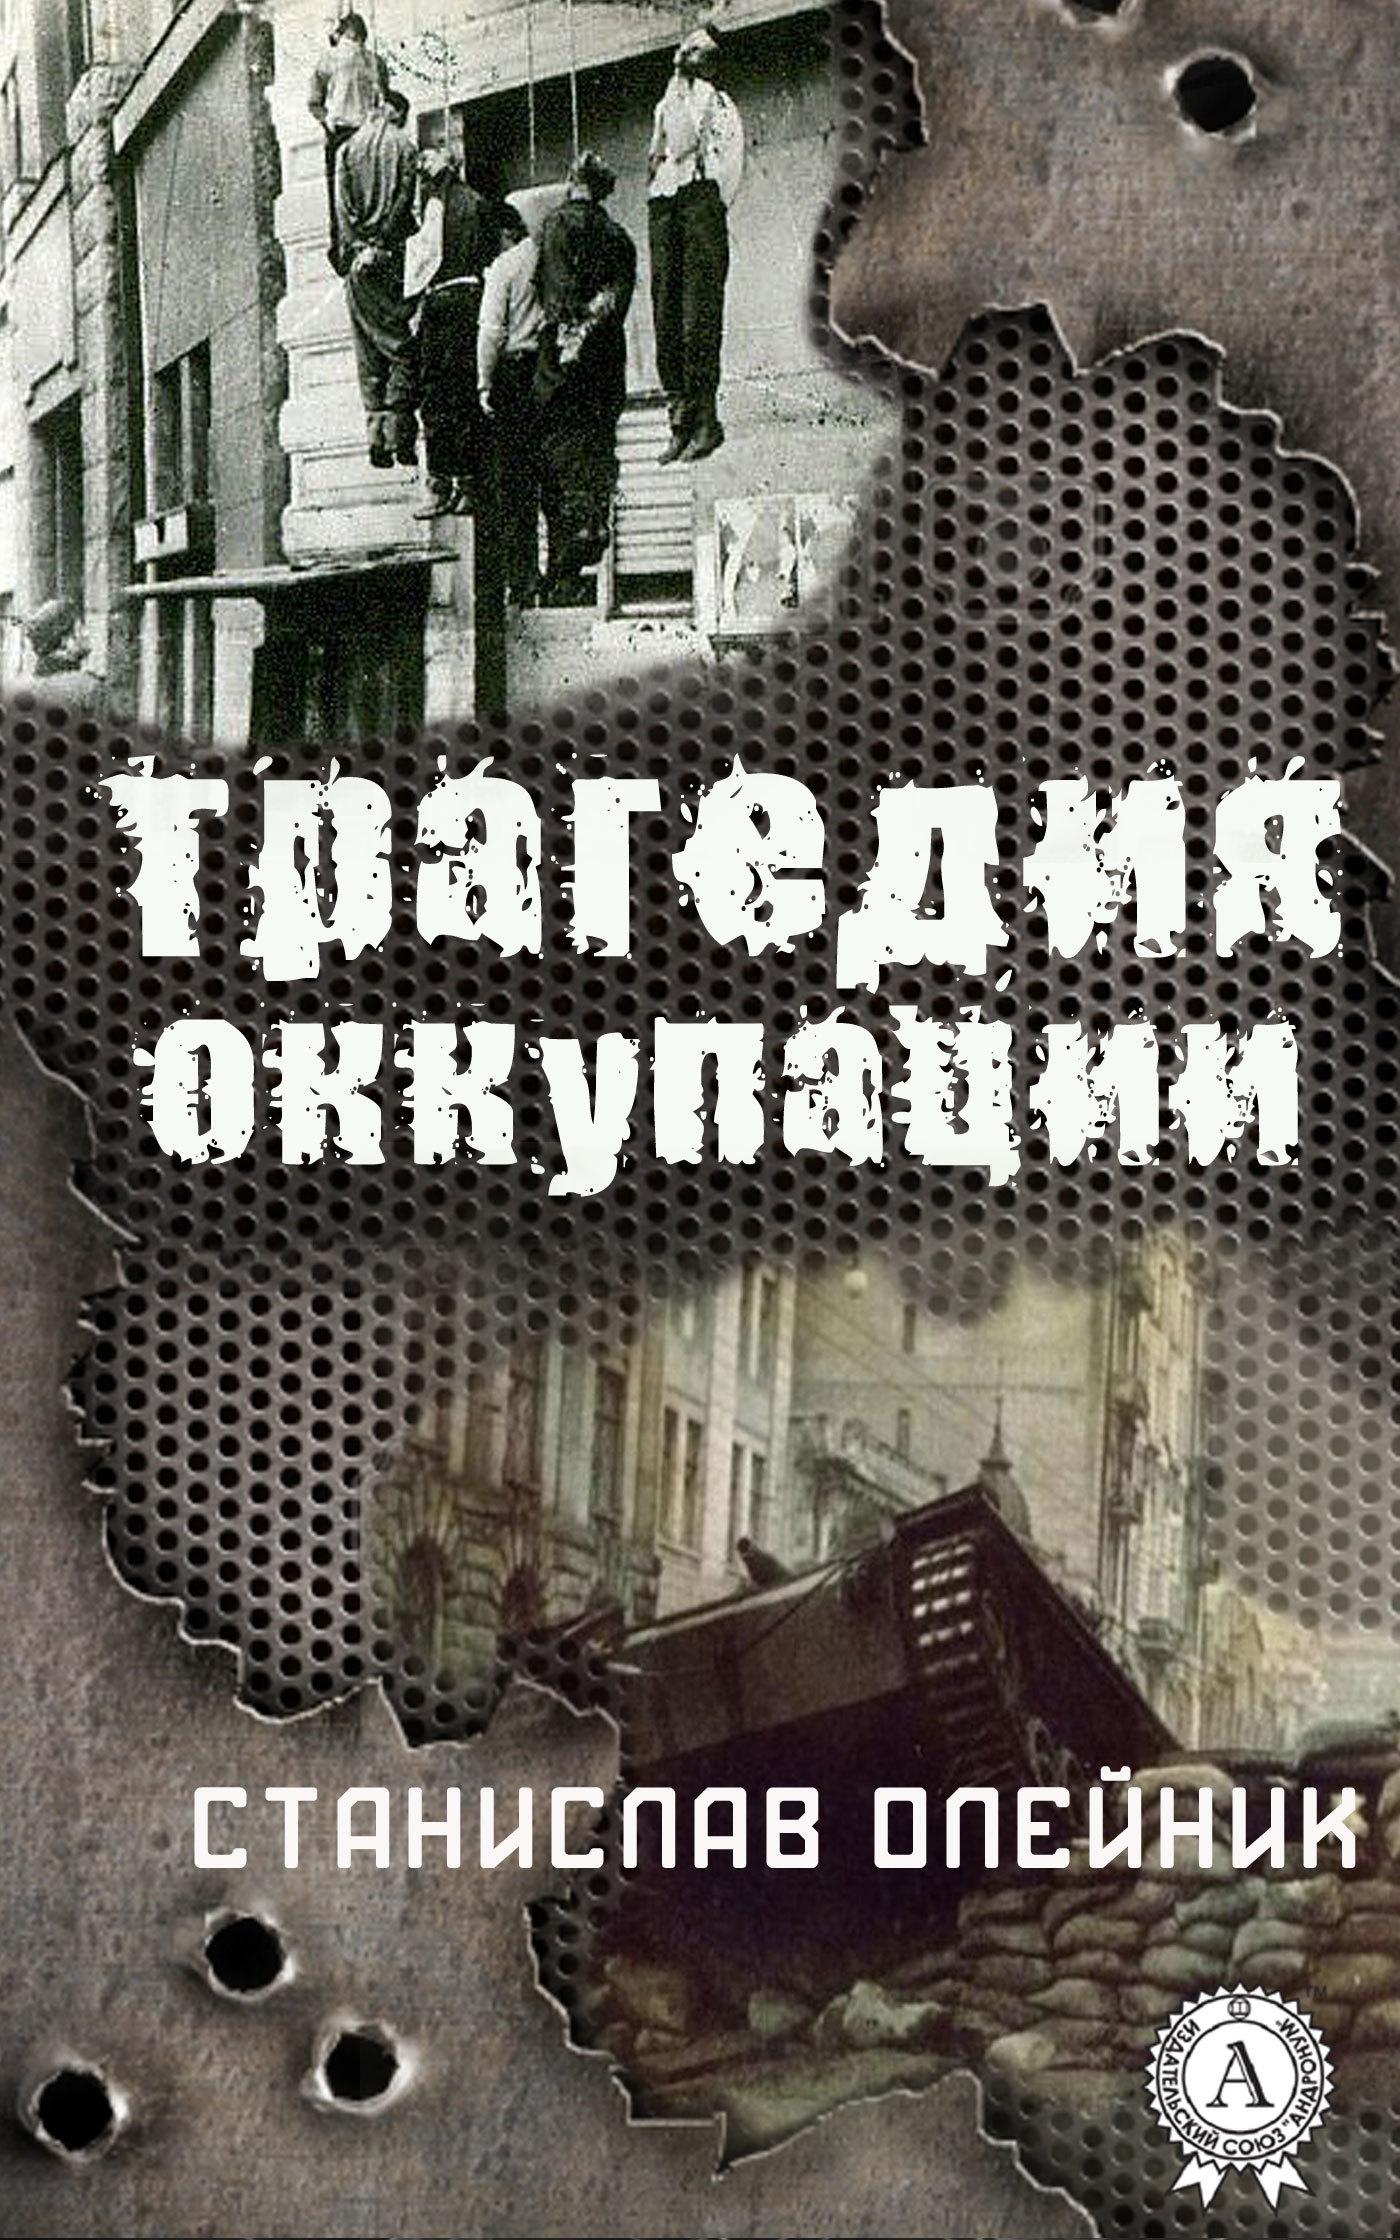 Фото - Станислав Олейник Трагедия оккупации микроскоп